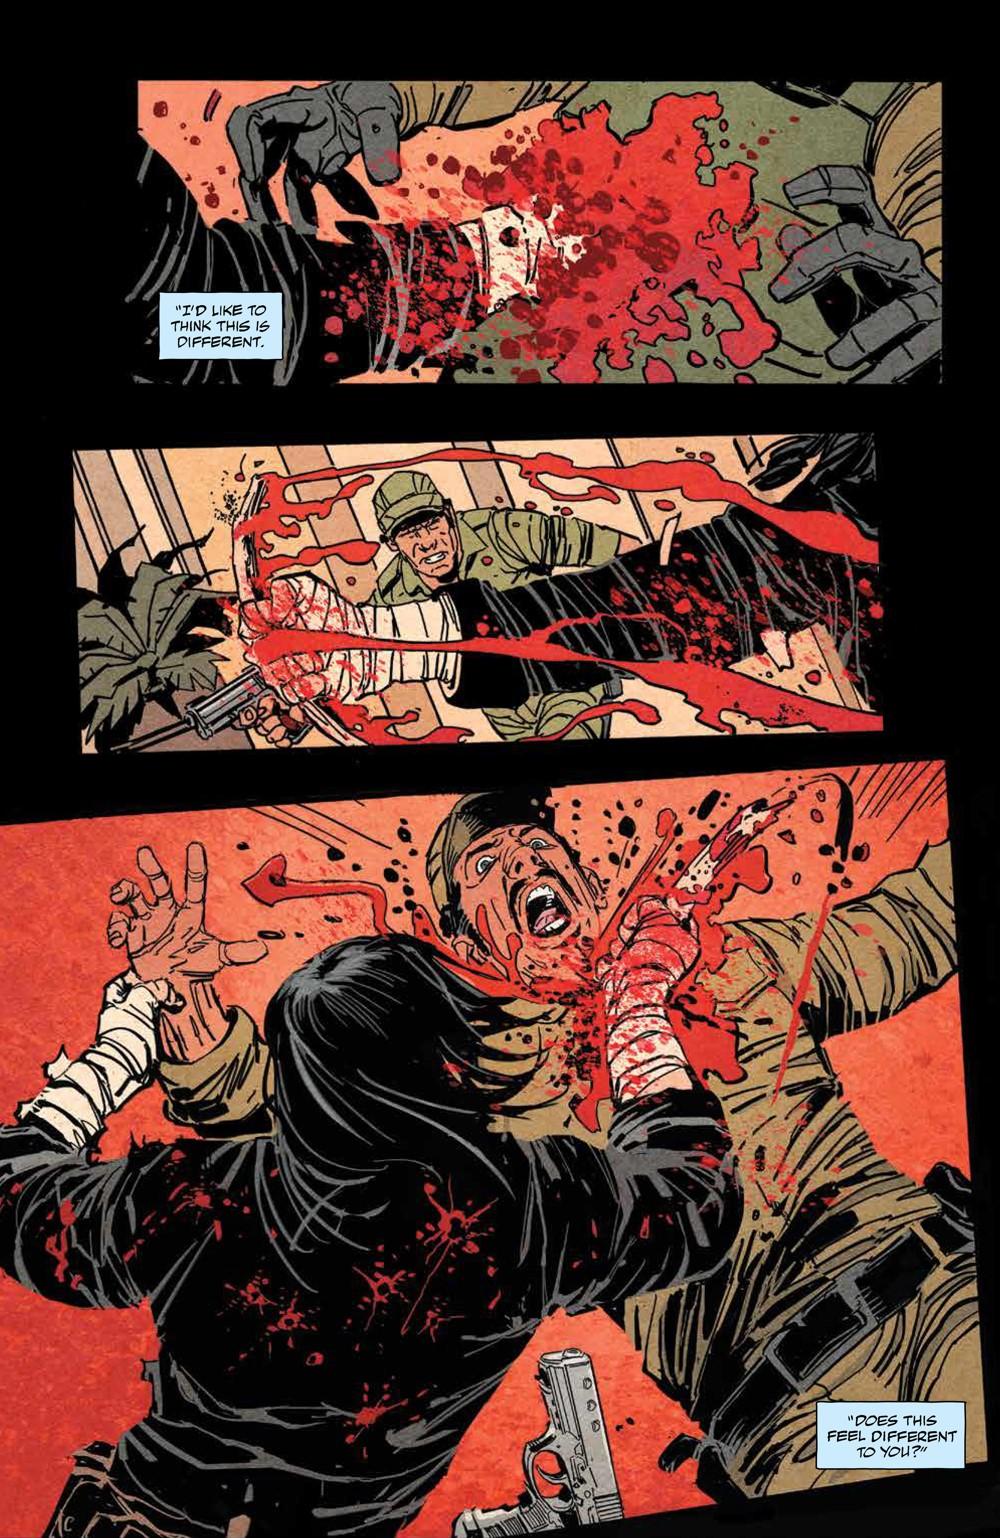 BRZRKR_v1_SC_PRESS_20 ComicList Previews: BRZRKR VOLUME 1 TP